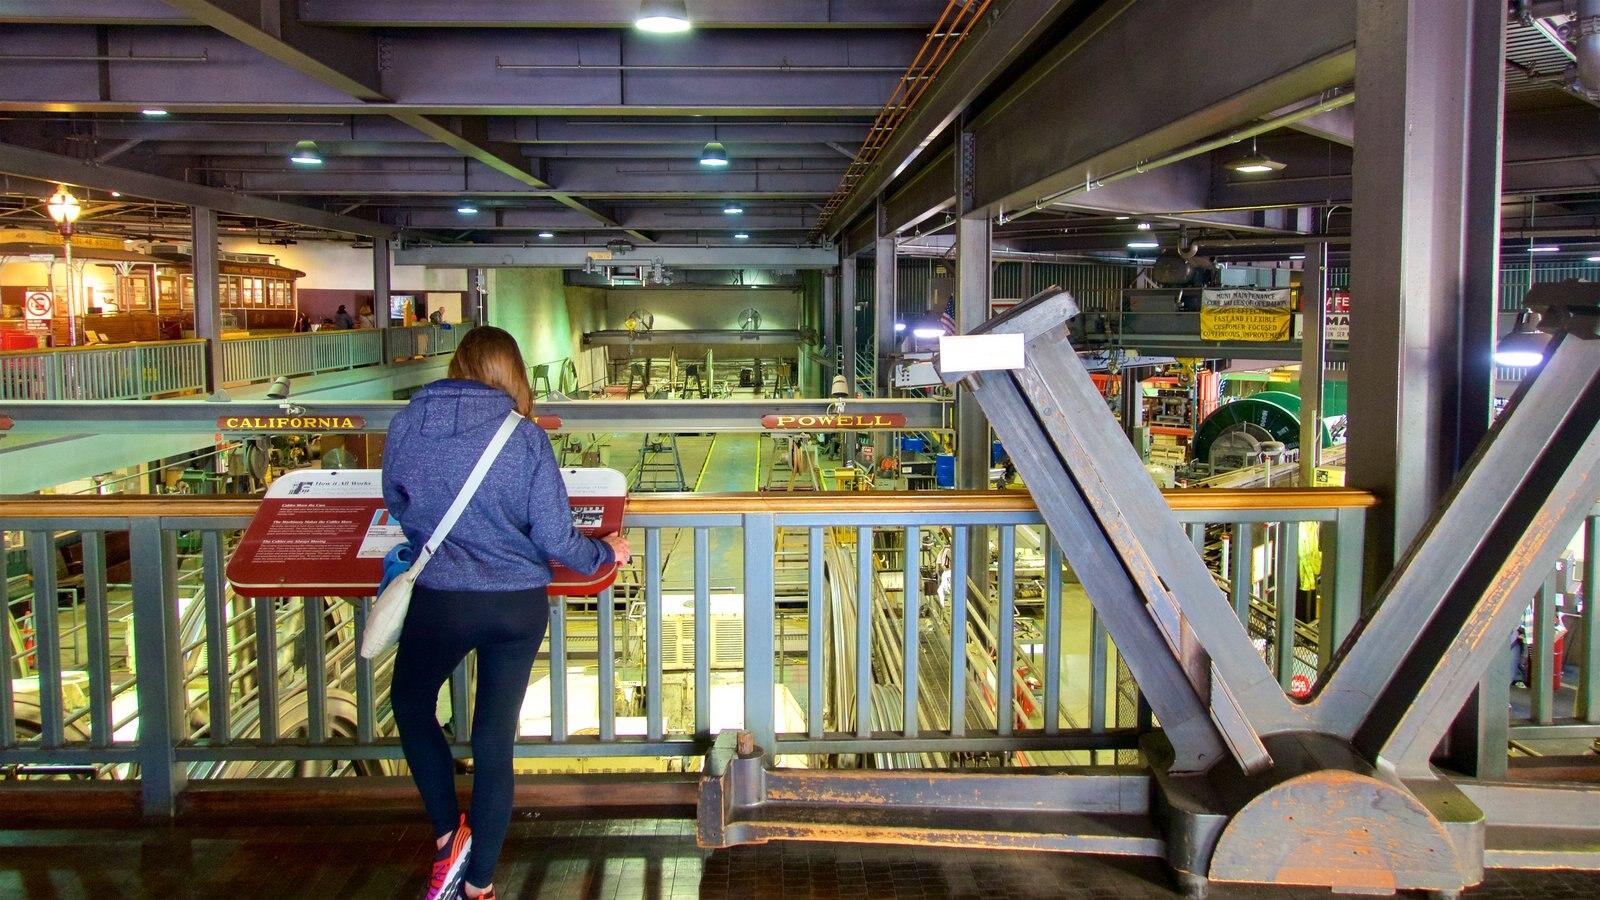 Cable Car Museum que inclui elementos de patrimônio, vistas internas e sinalização